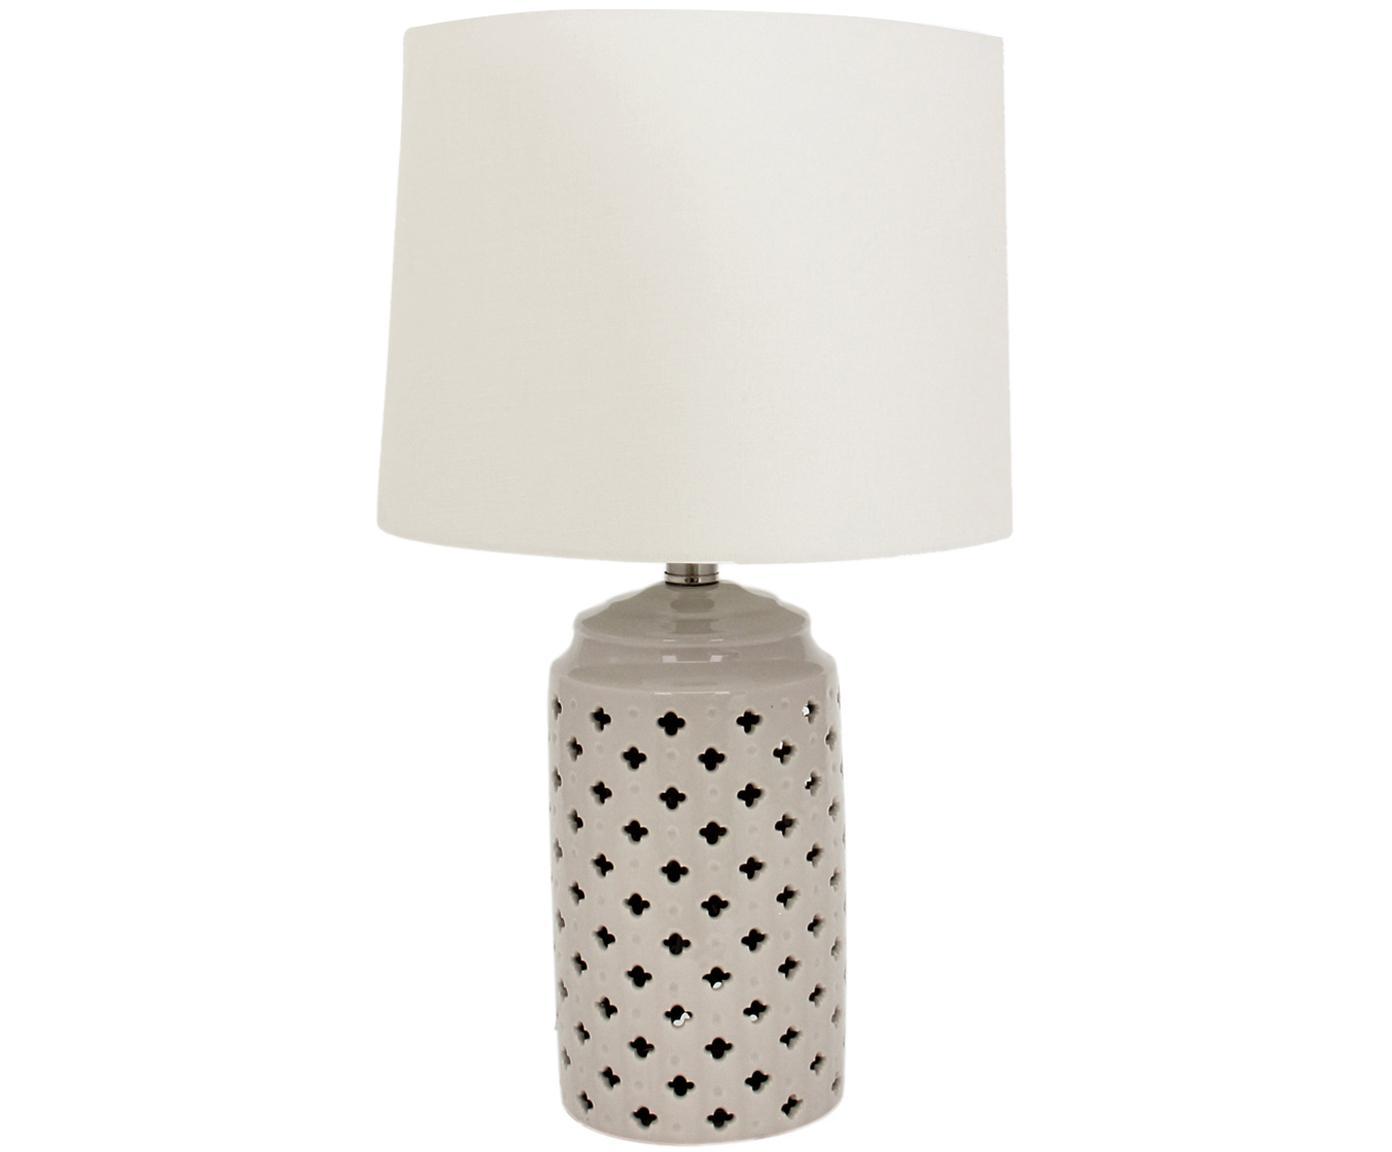 Keramik-Tischleuchte Naomi, Lampenschirm: Textil, Lampenfuß: Keramik, Weiß, Ø 28 x H 52 cm